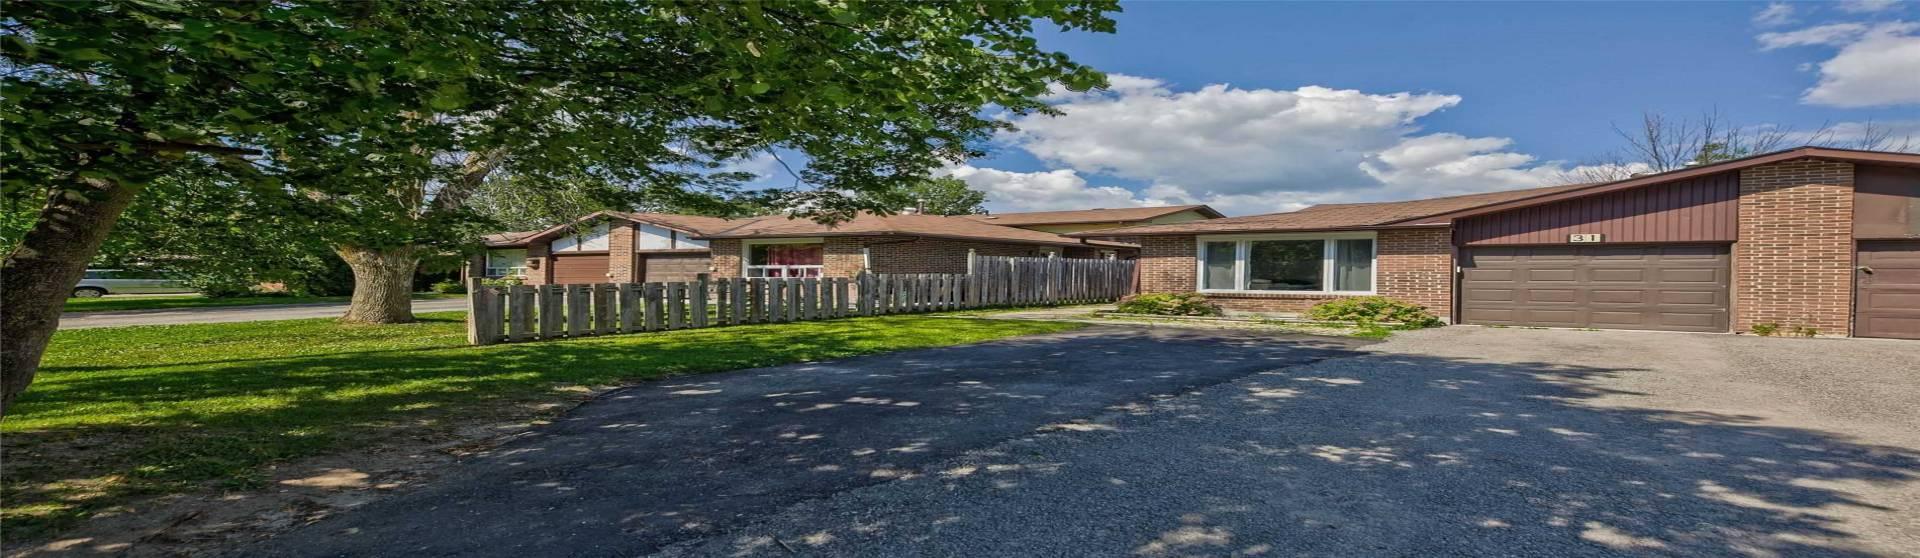 31 Maplehurst Cres, Barrie, Ontario L4M4X1, 3 Bedrooms Bedrooms, 6 Rooms Rooms,2 BathroomsBathrooms,Semi-detached,Sale,Maplehurst,S4813209